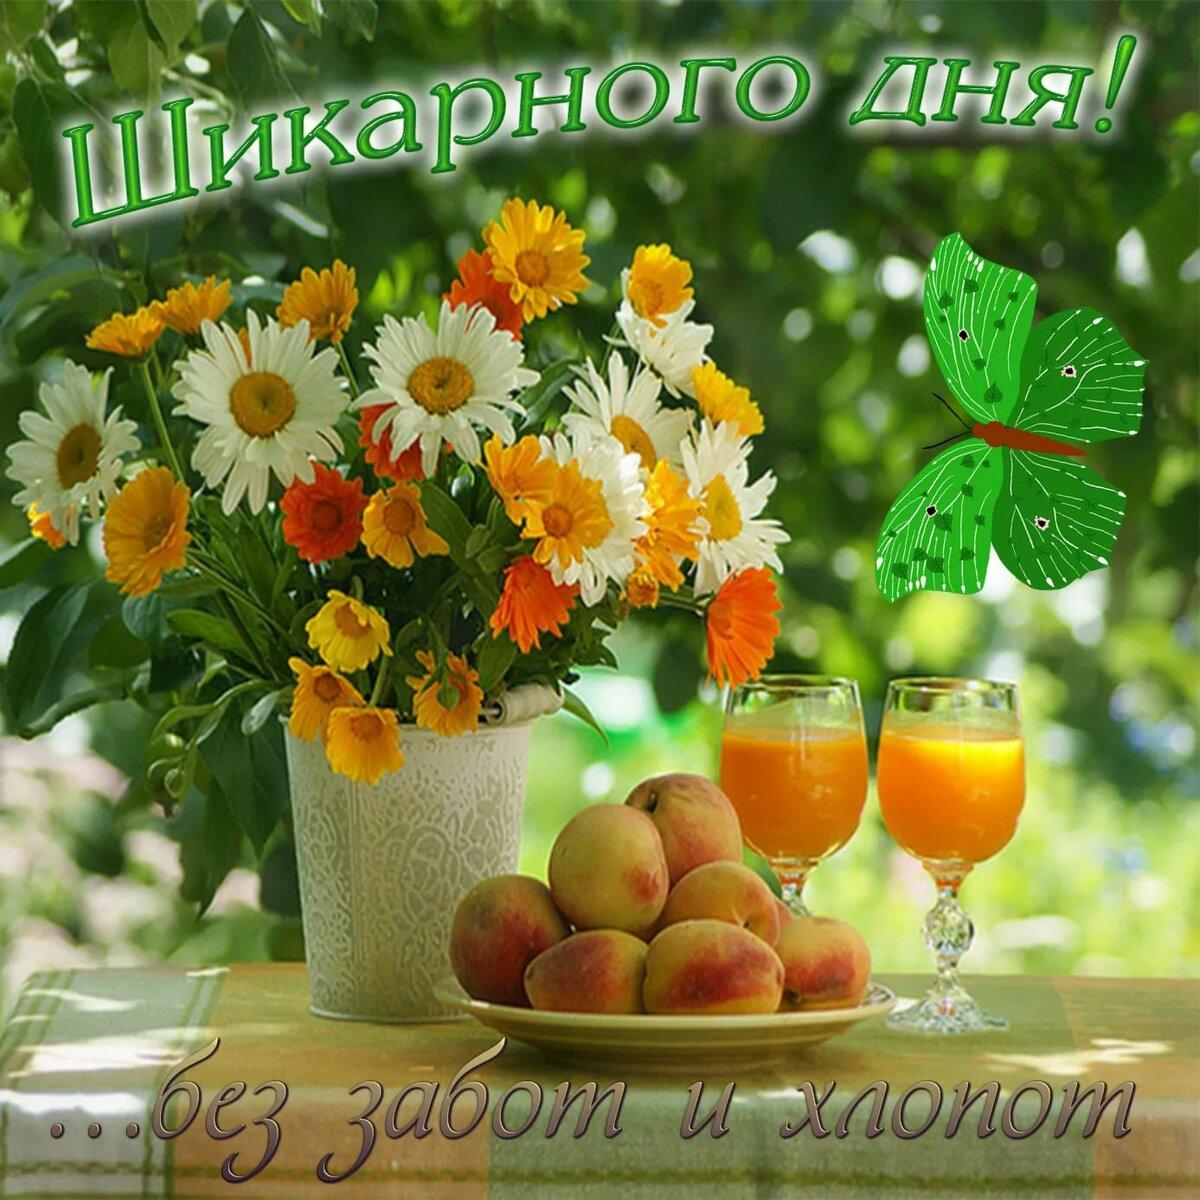 Добрый день картинки лето